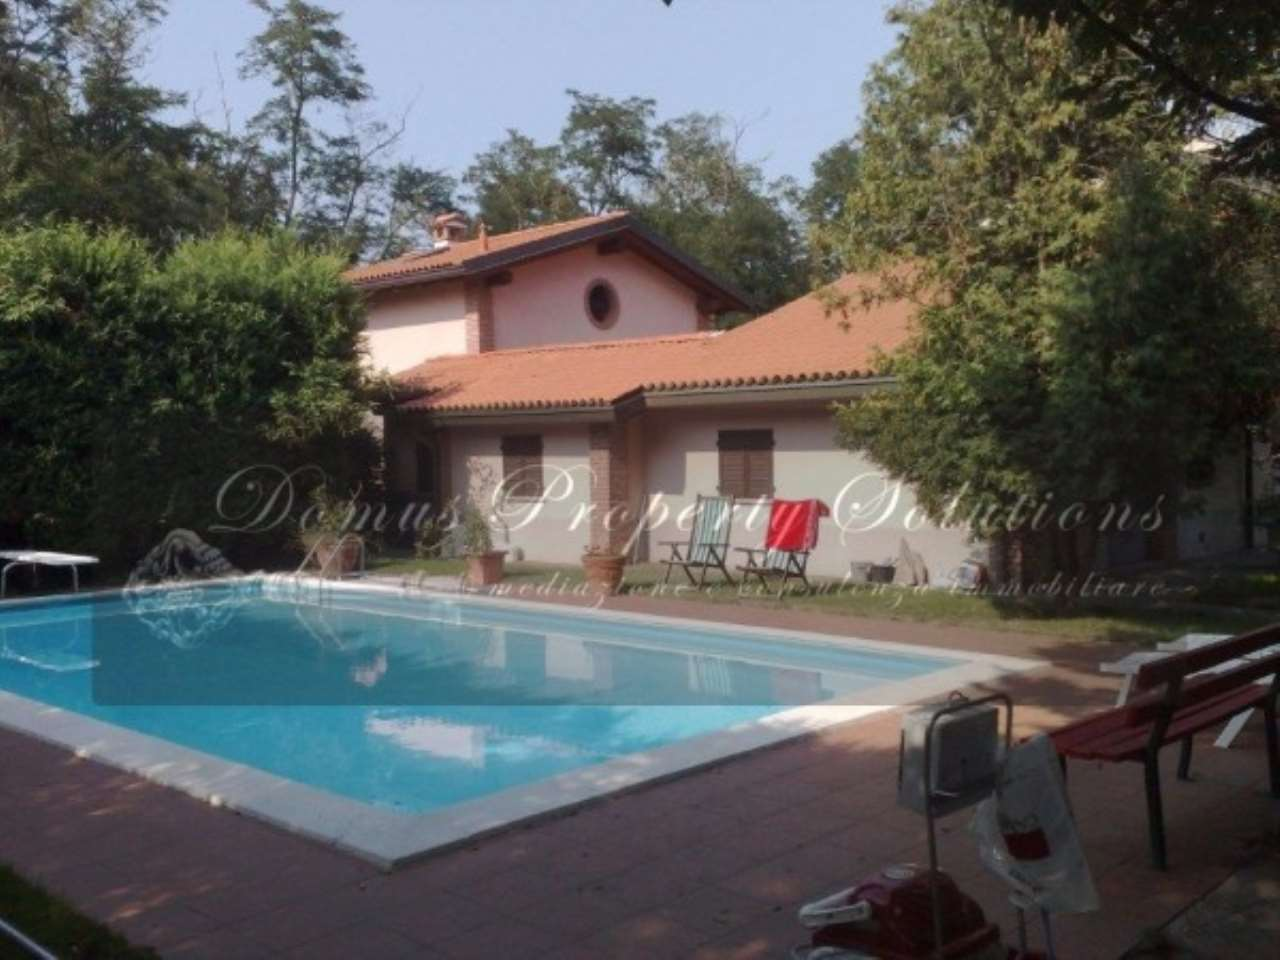 Villa in vendita a Vigevano, 6 locali, prezzo € 950.000   Cambio Casa.it